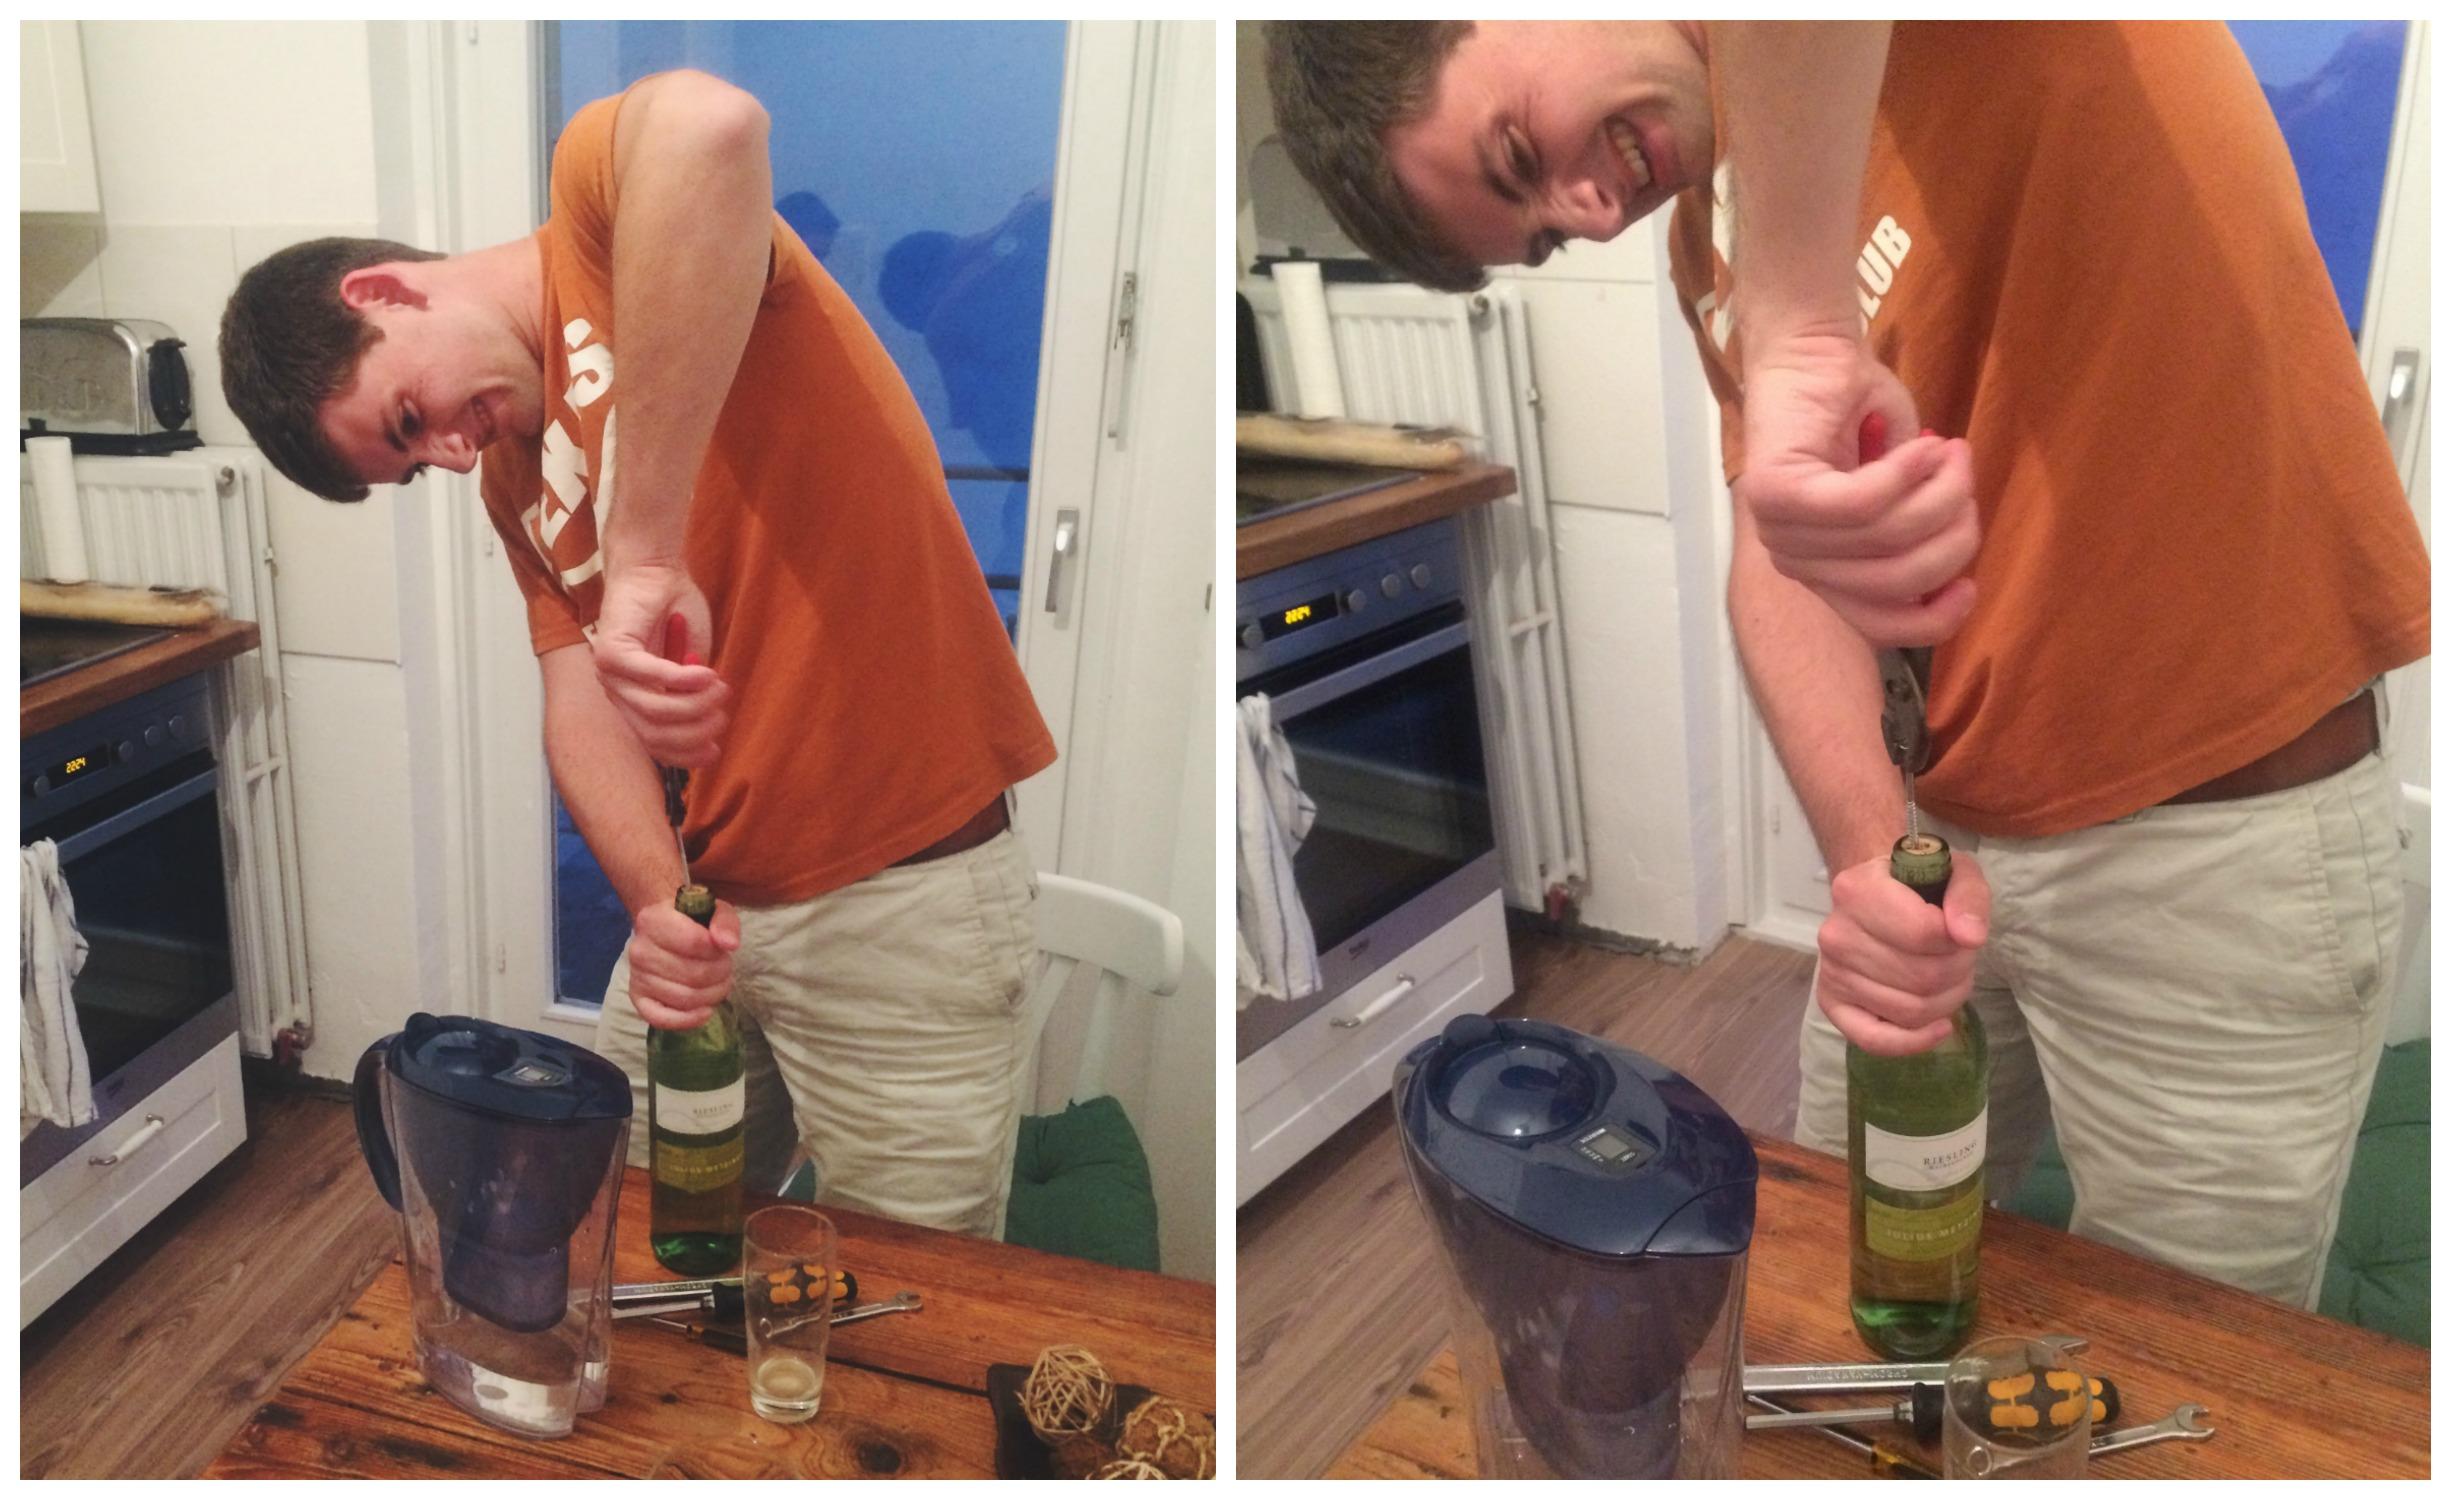 No Wine Opener!